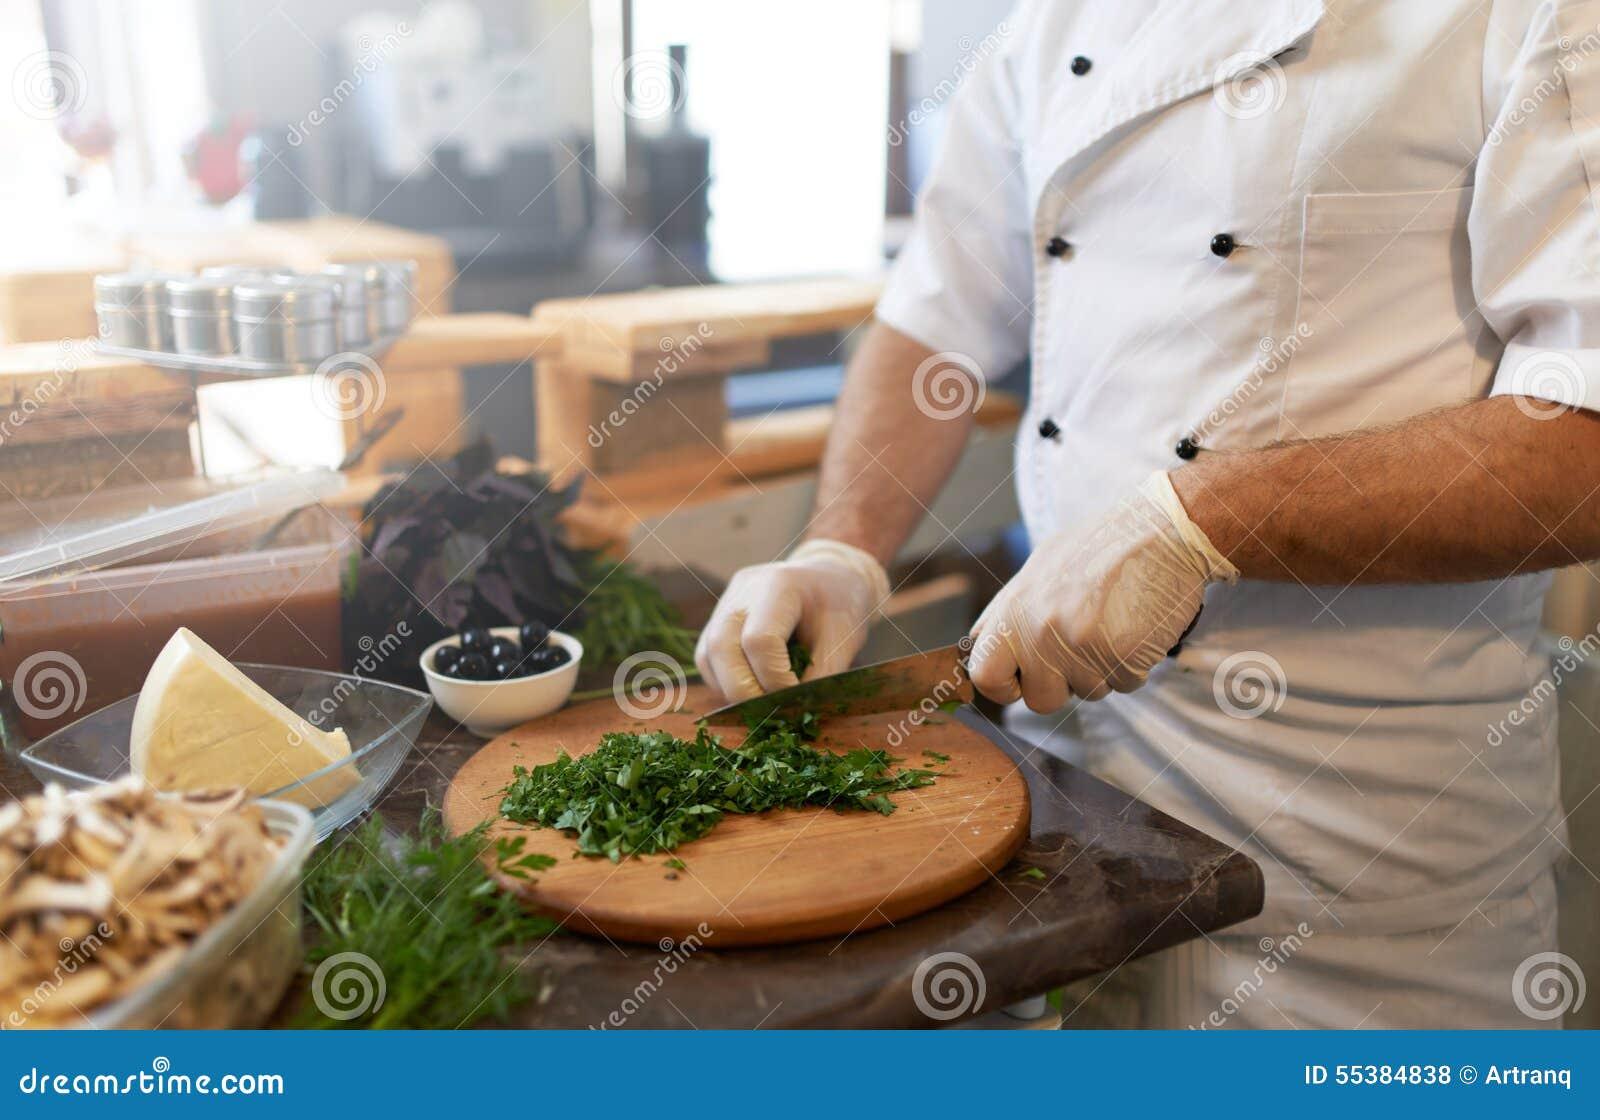 Le cuisinier coupe le persil avec un couteau à bord